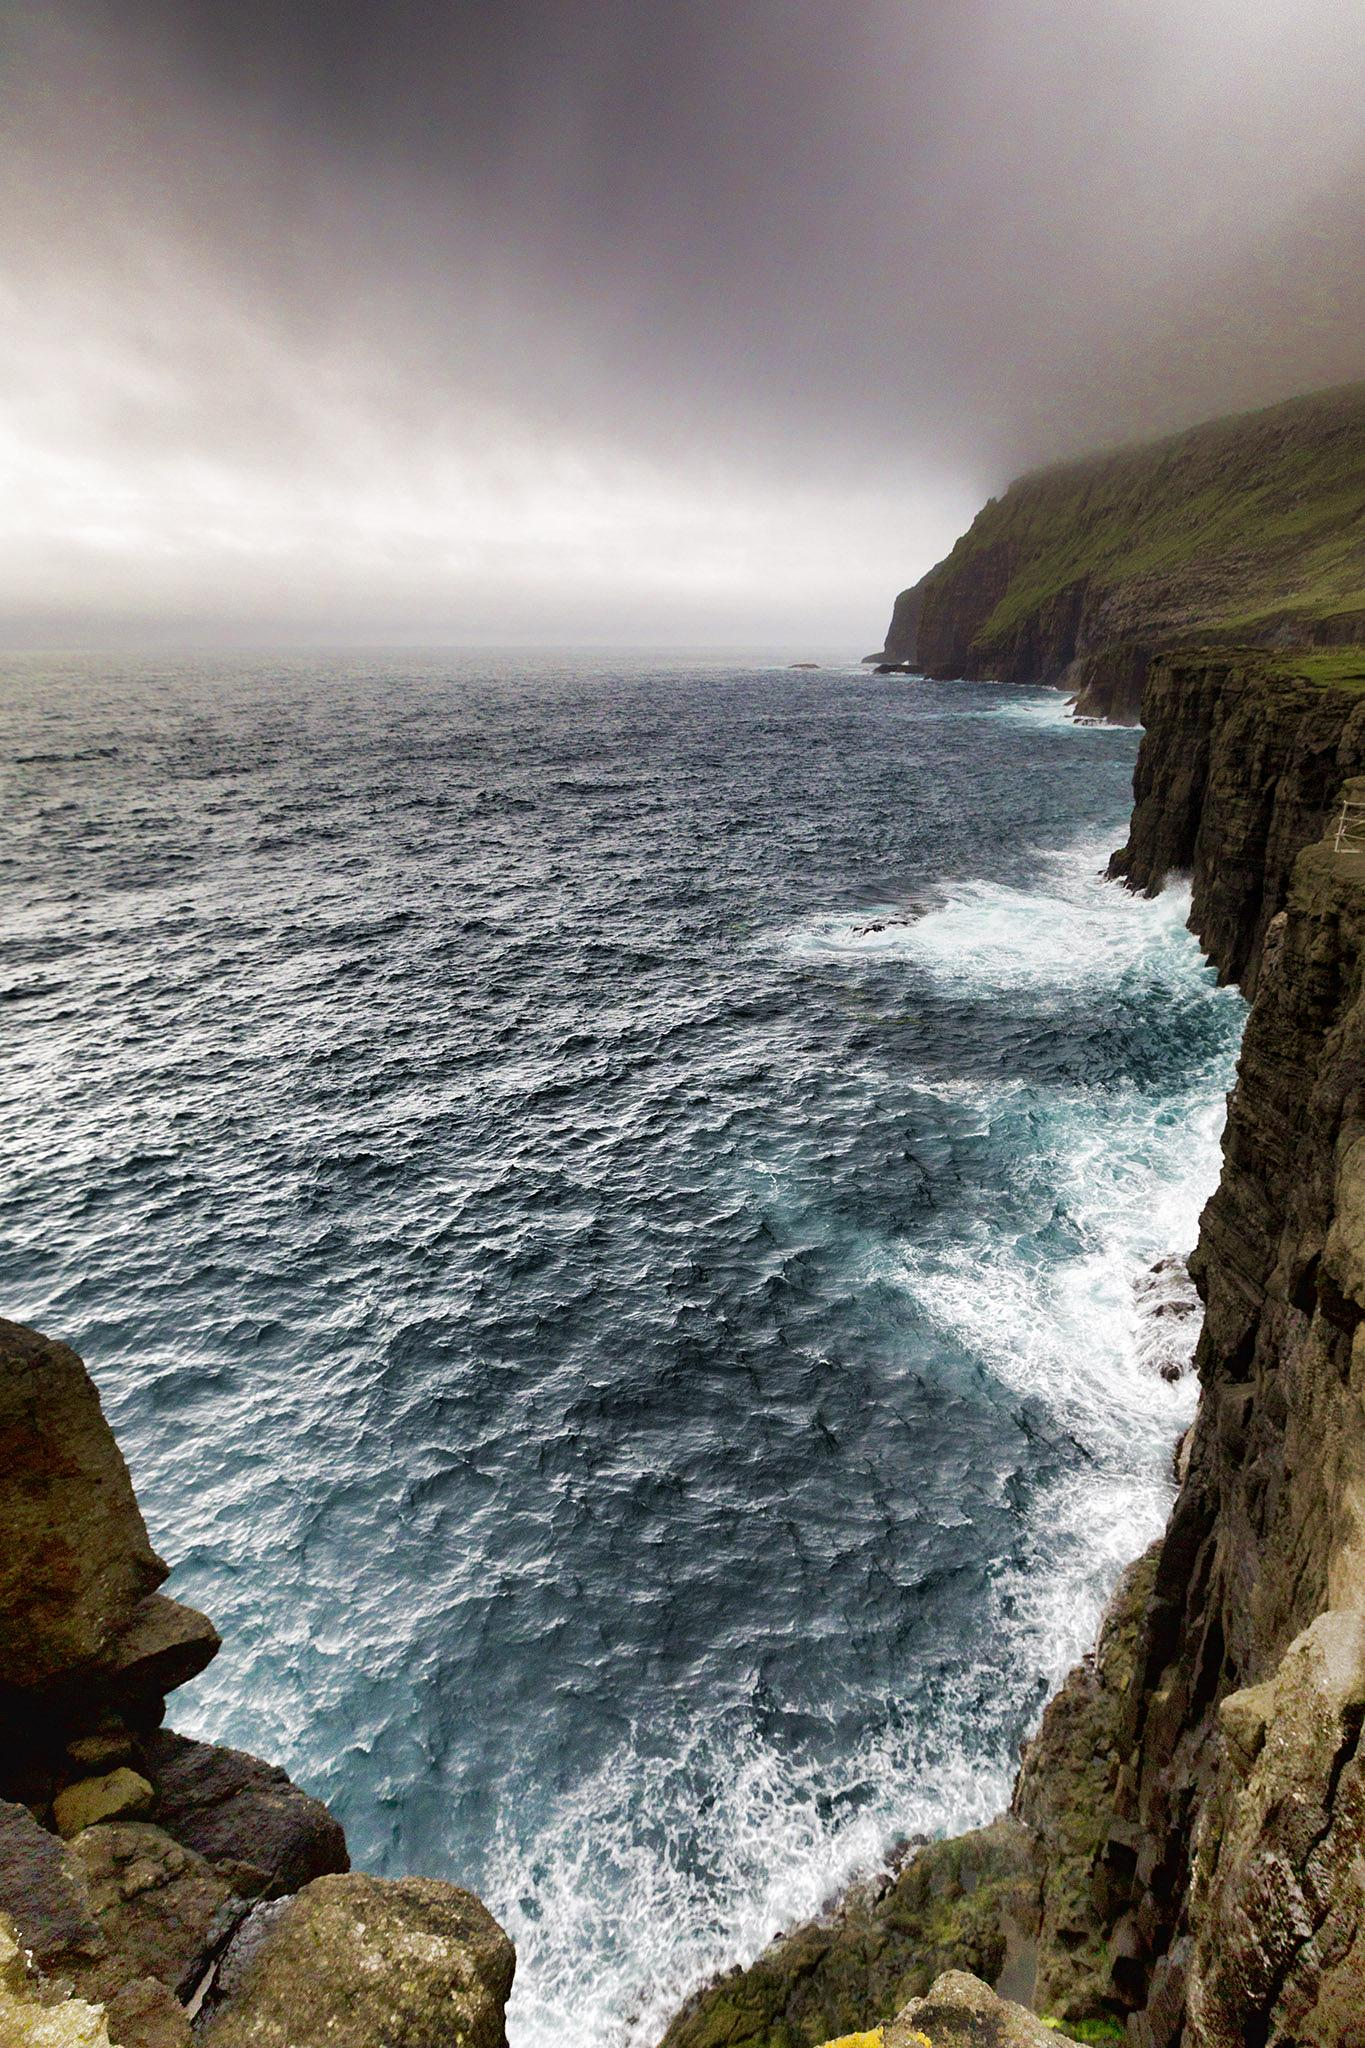 Atlantic ocean, Faroe Islands  by Faroe Islands Hiking